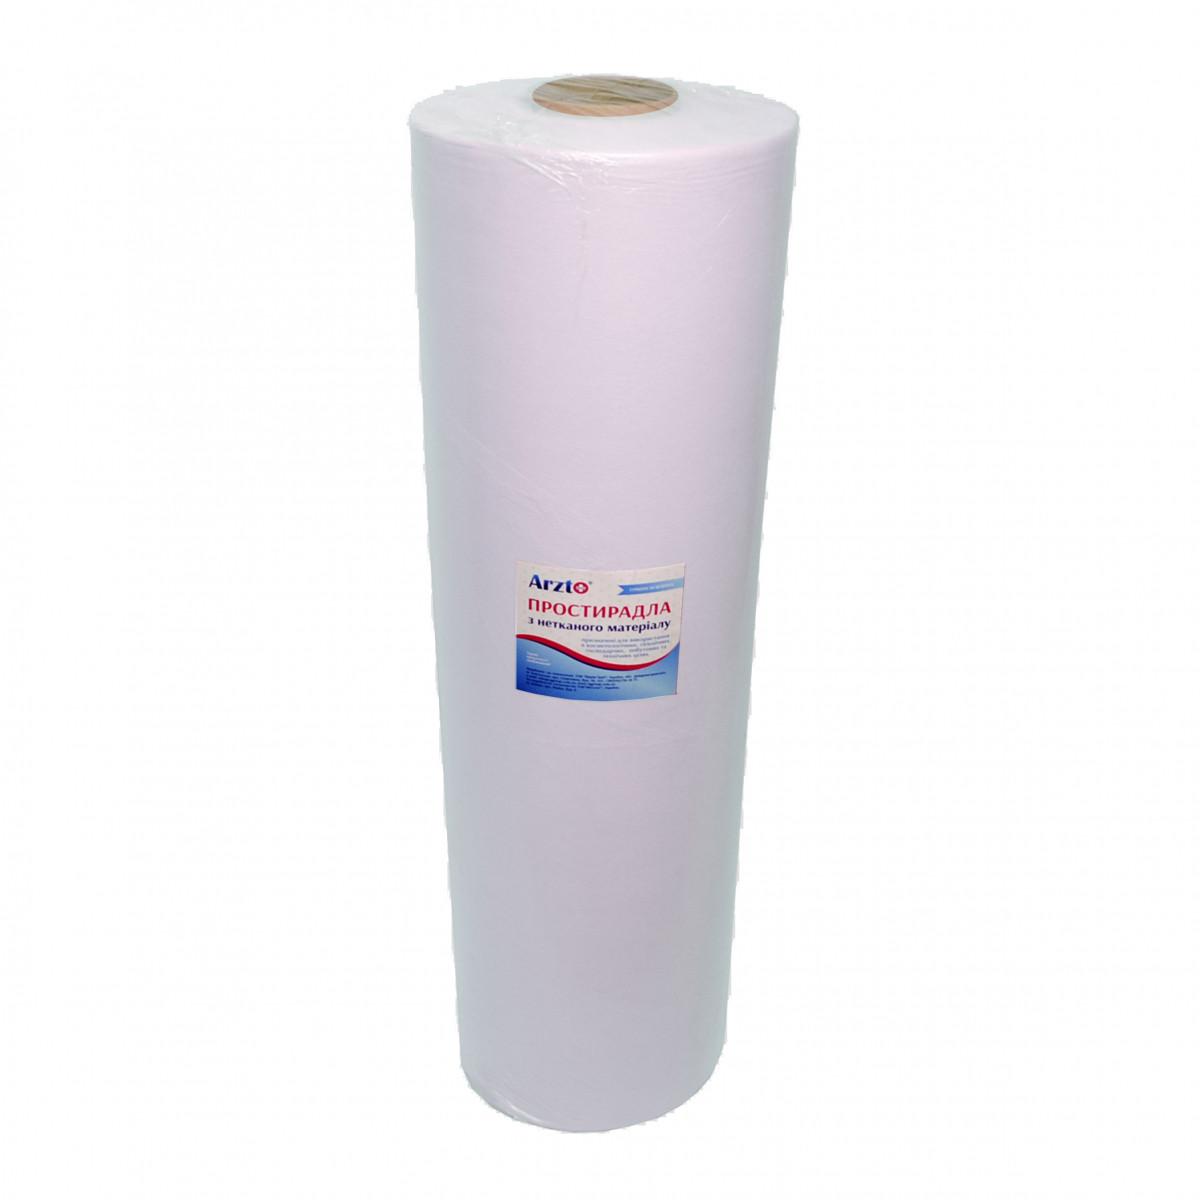 Рулон спанбонд Arzt plus 0,8х500 без перфорации (20 г/м2) белый